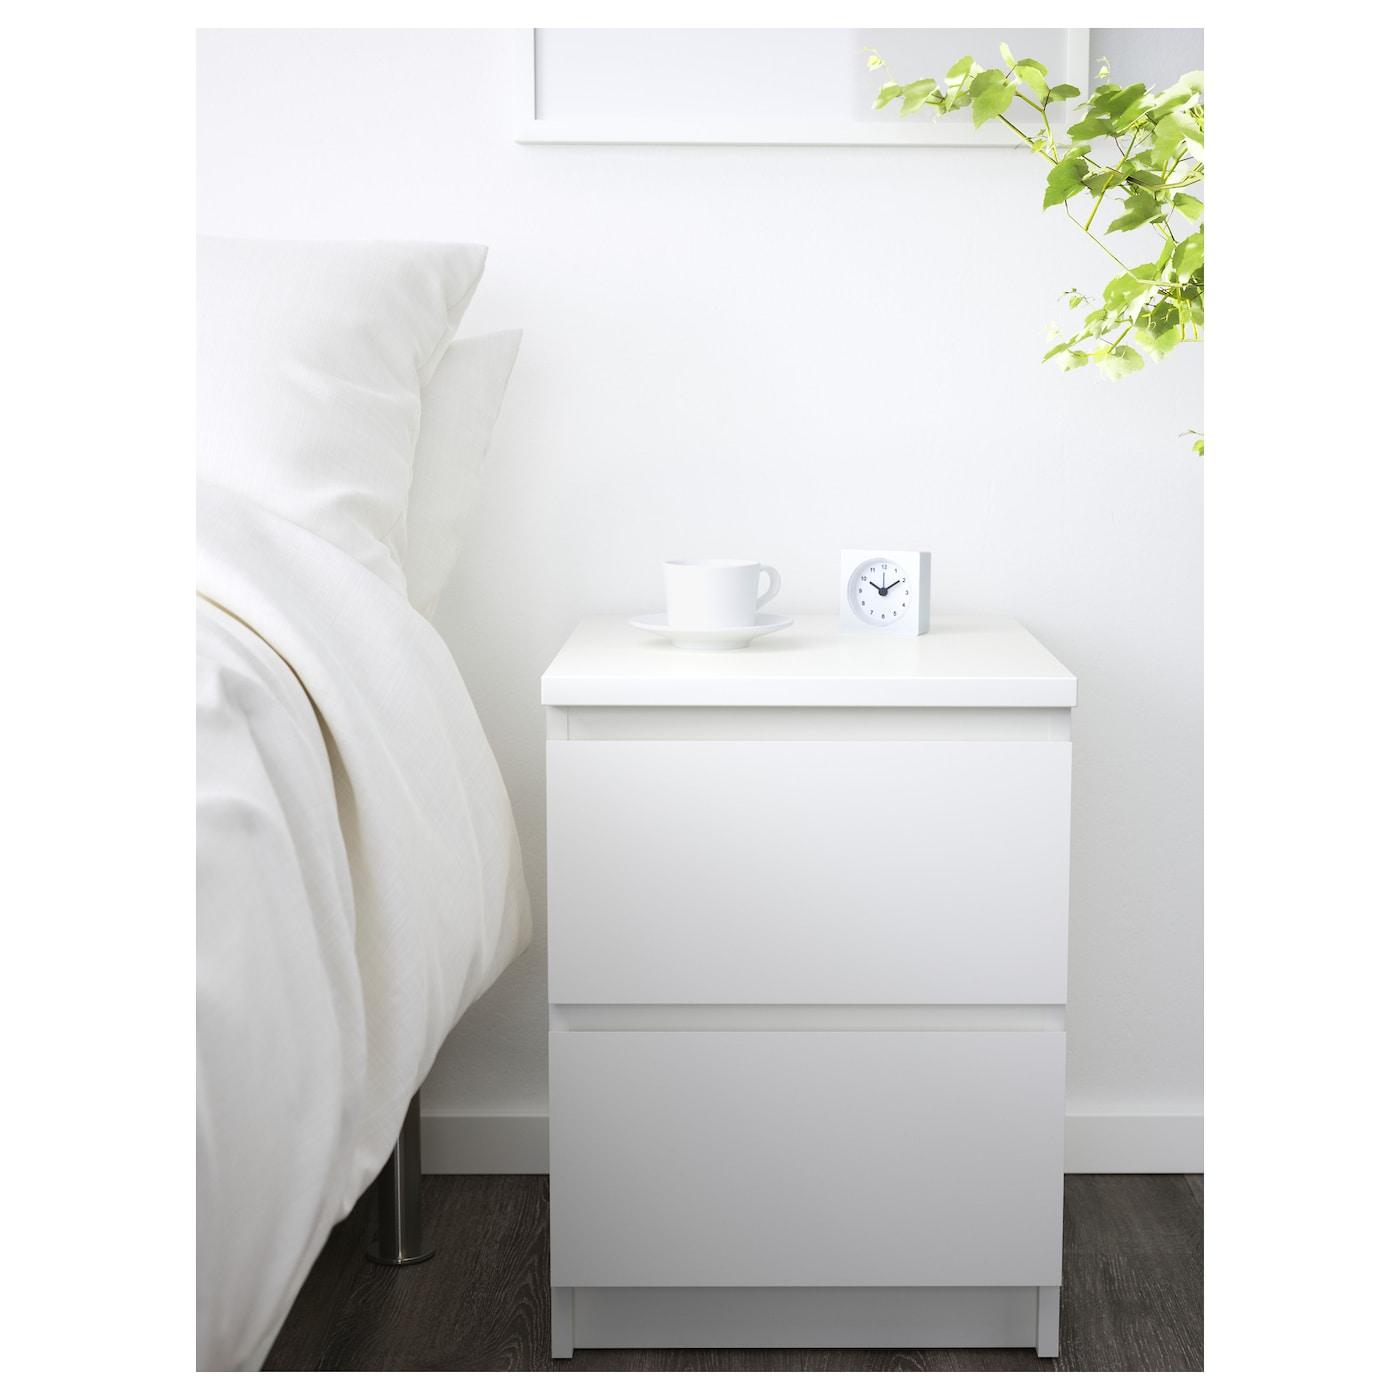 Malm Comoda De 2 Cajones Blanco 40 X 55 Cm Ikea